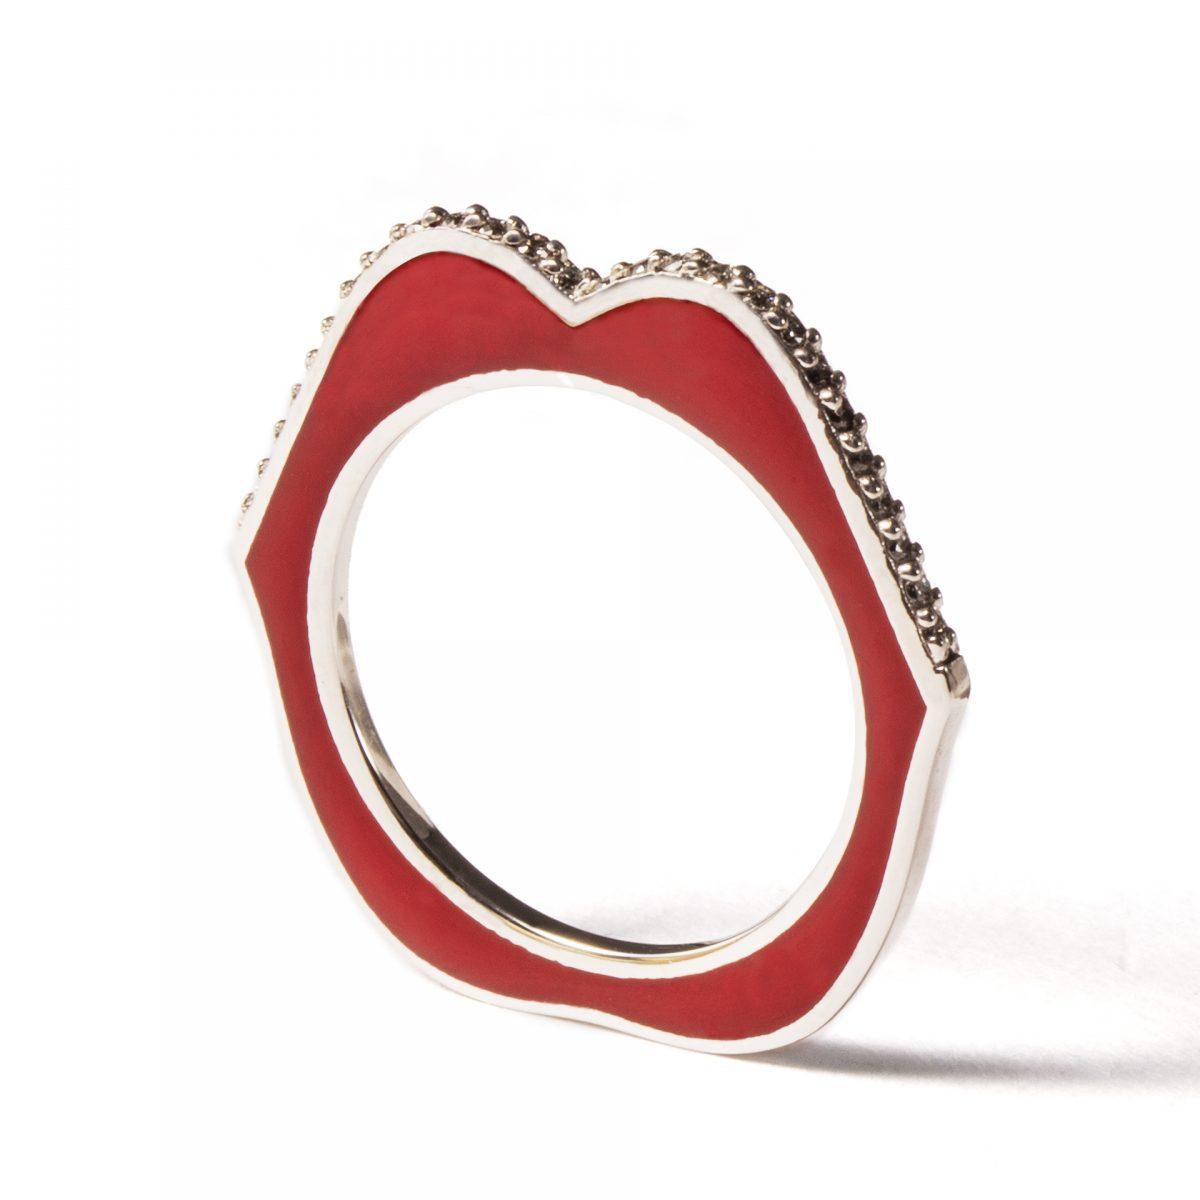 ラファエルキャノ ラファエラキャノ ピアス OMG 唇 リップ リング アッシュペー アッシュペーフランス アッシュペーブランスビジュー HPFRANCEBIJOUX ダイヤモンド